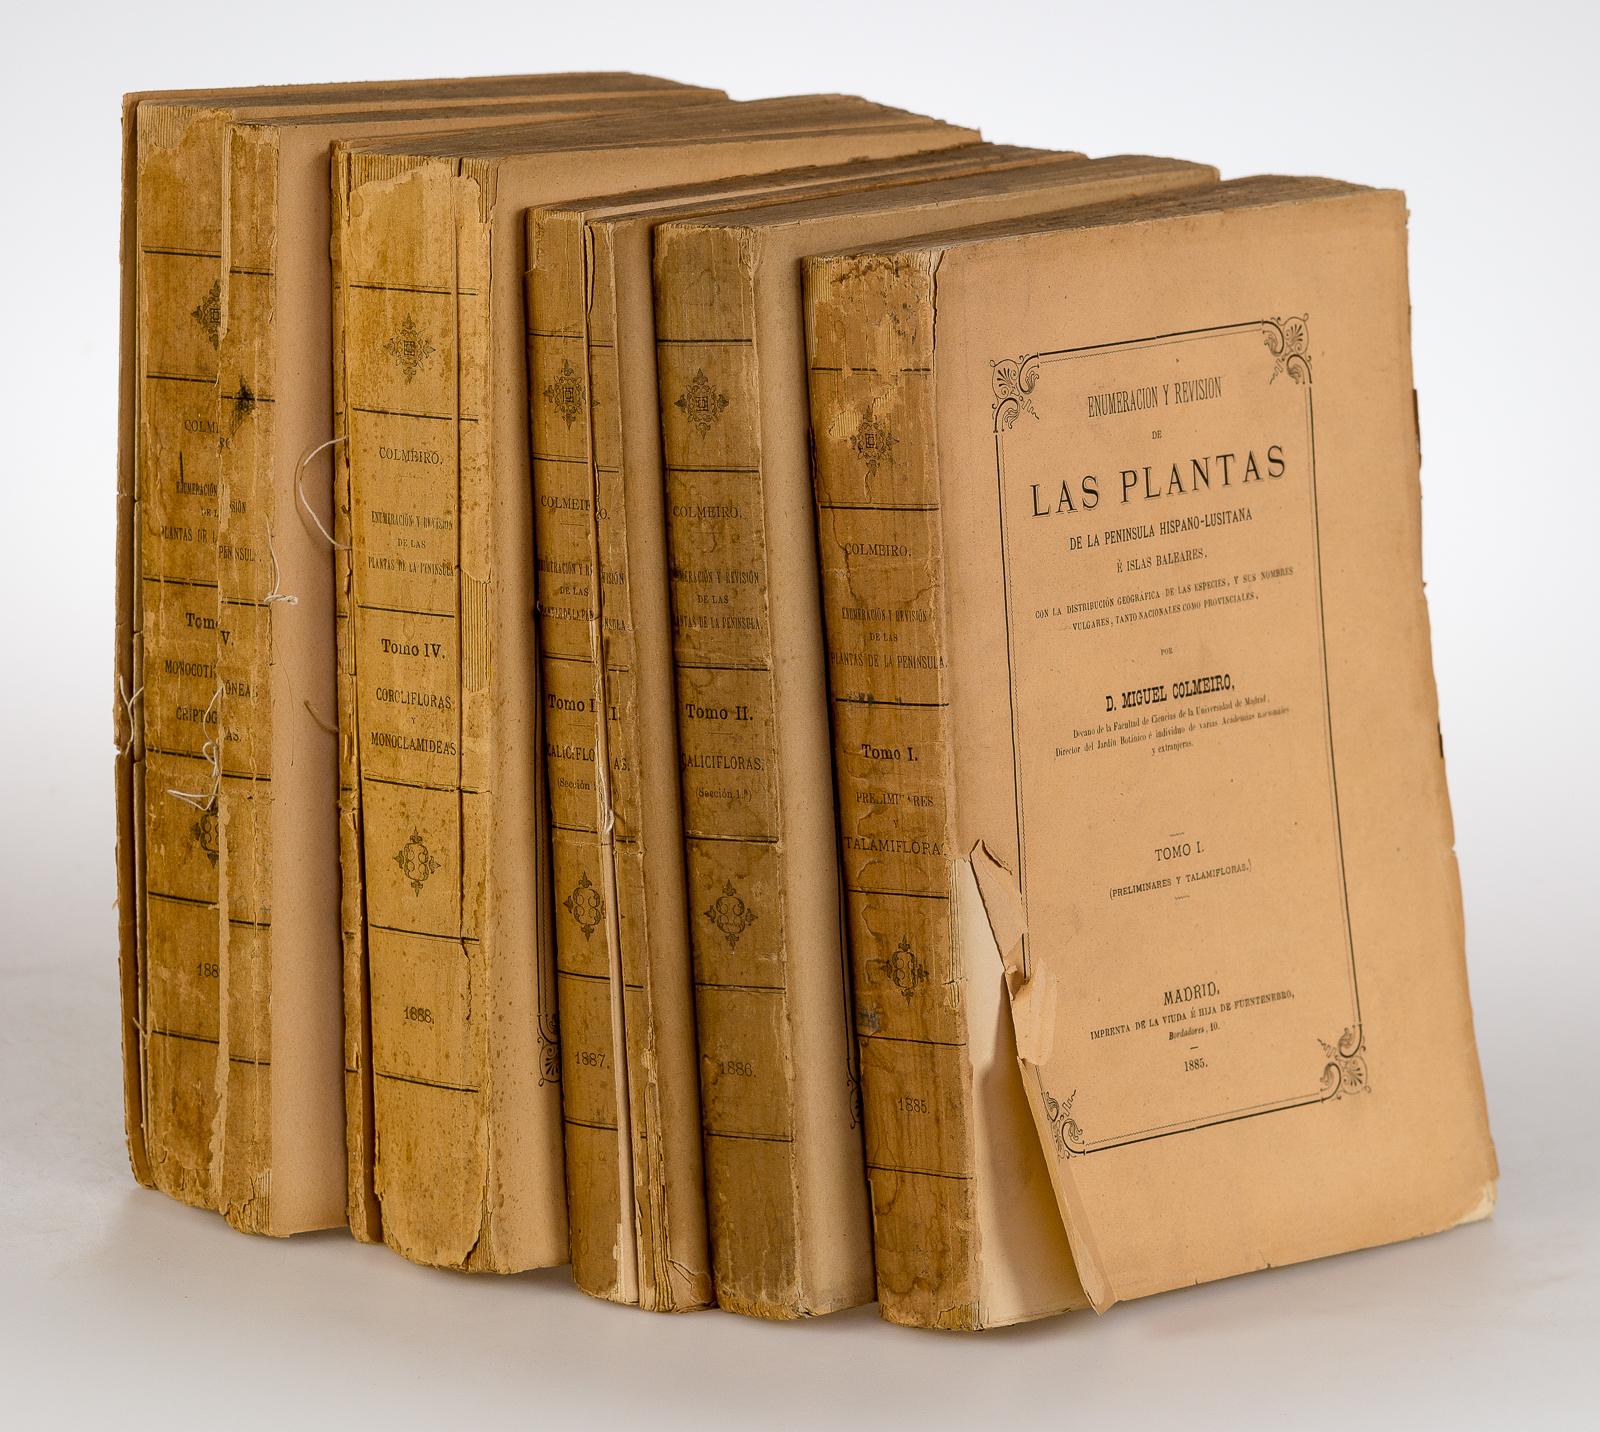 Enumeracion y Revision de Las Plantas. De la Peninsula Hispano-Lusitana e Islas Baleares. Vol. 1-5. [5 Vols.].